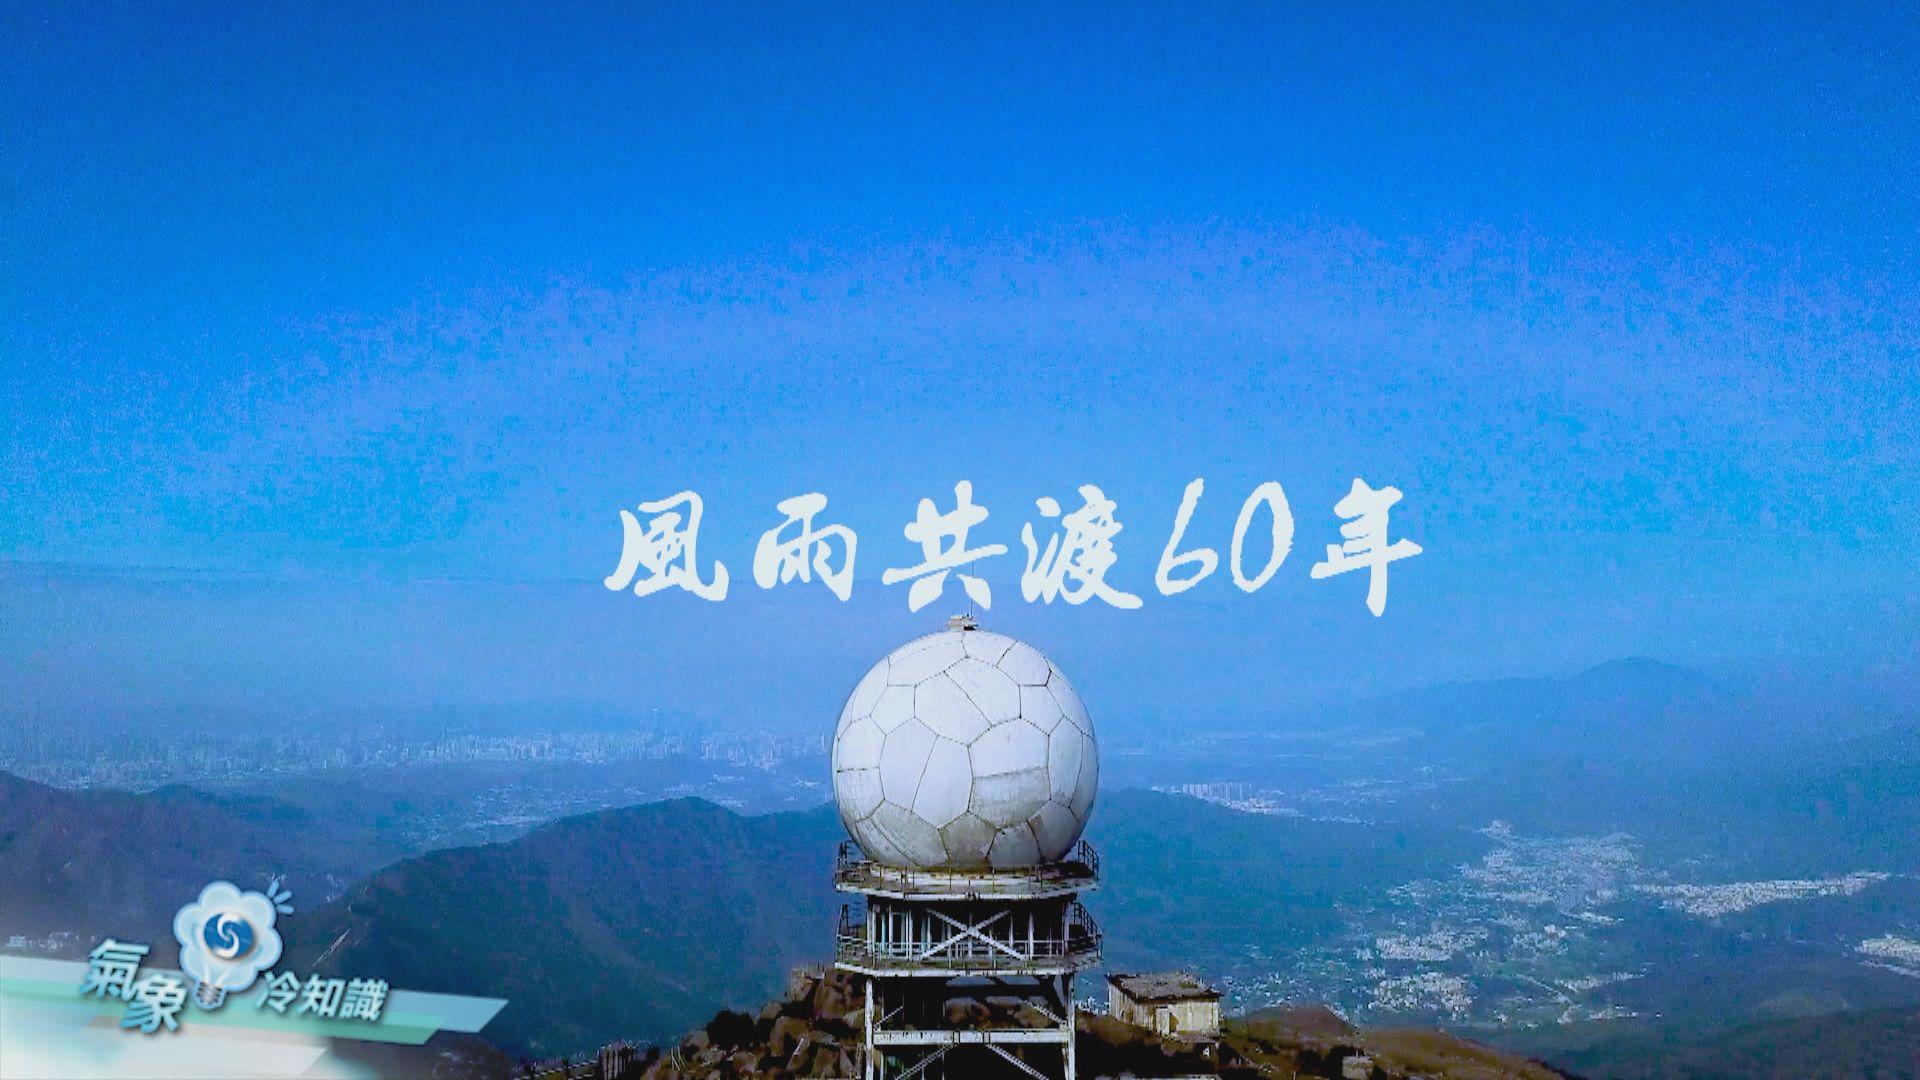 【氣象冷知識】香港天氣雷達六十年